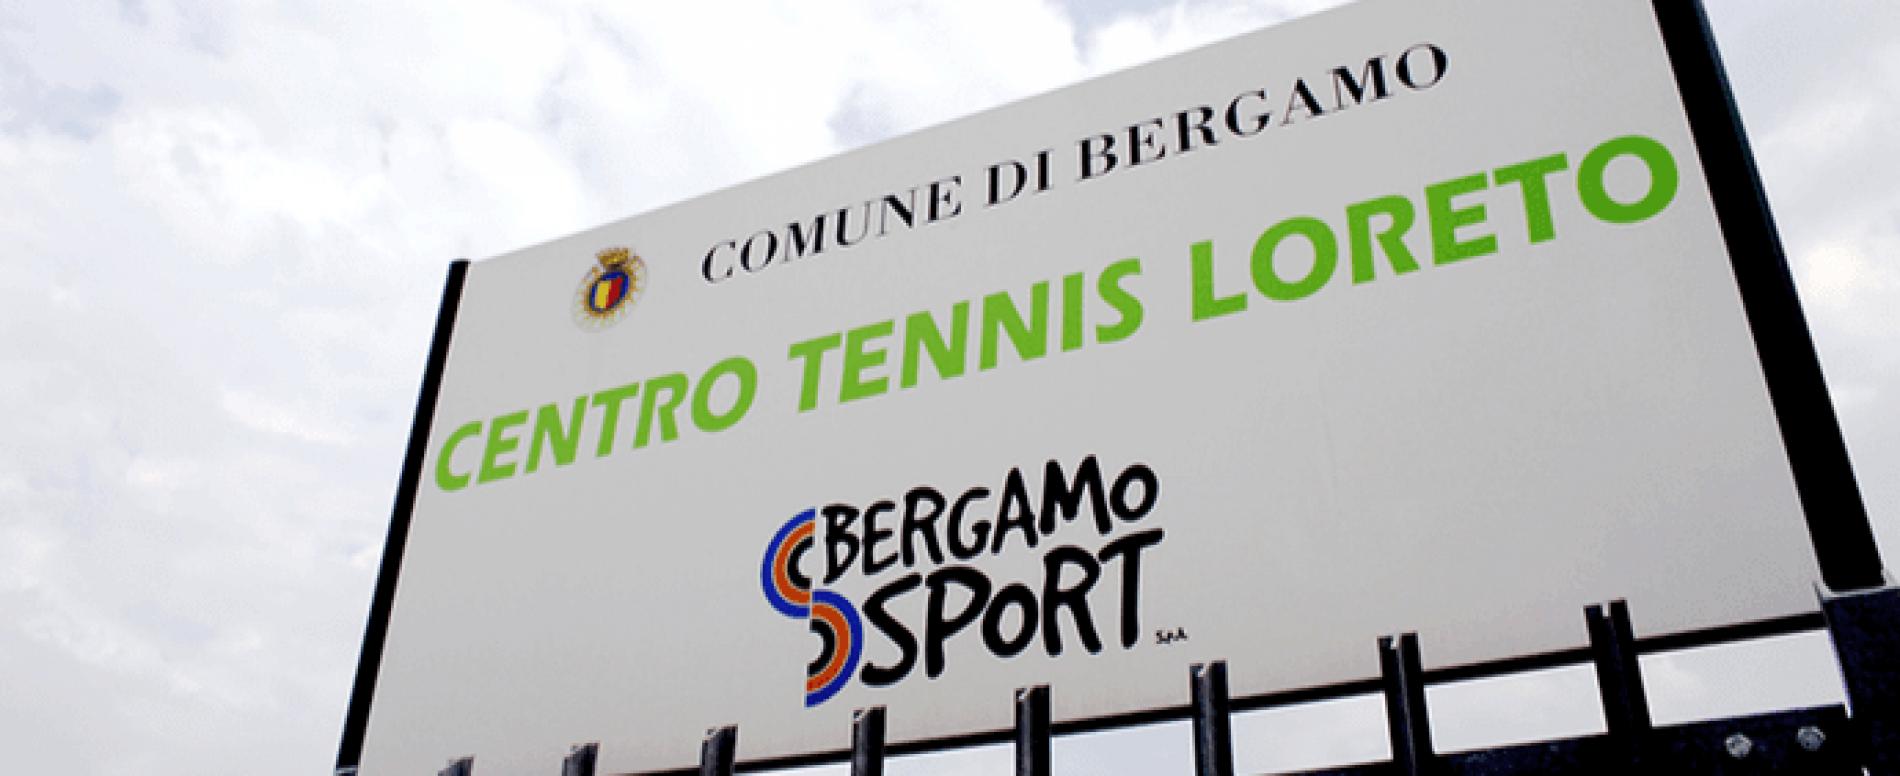 A Bergamo una raccolta firme per dire no ai d.a. nel circolo tennis